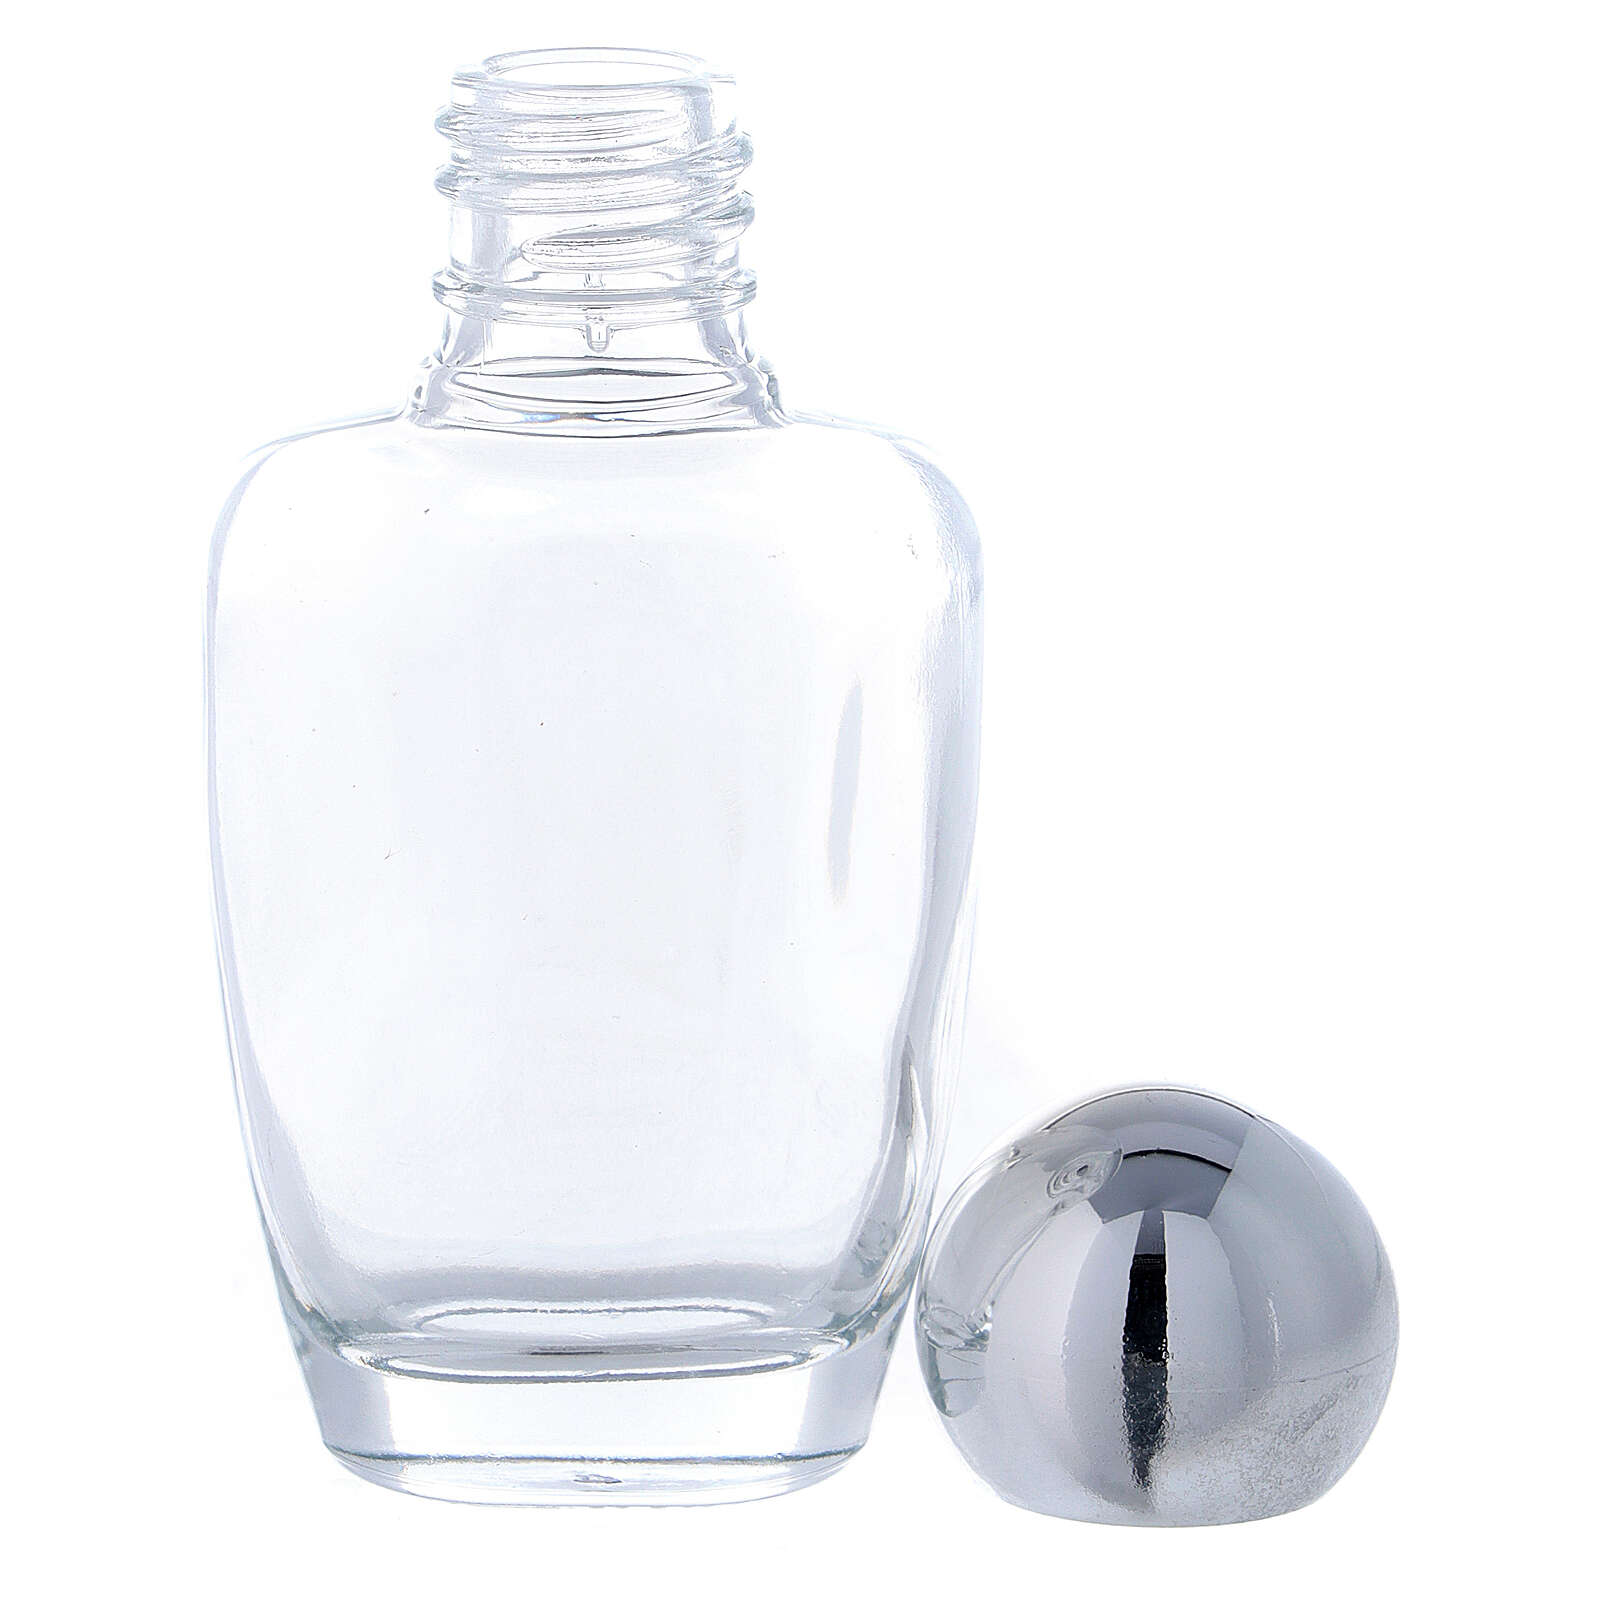 Bottiglietta acquasanta vetro 30 ml (CONF. 50 PZ)  3